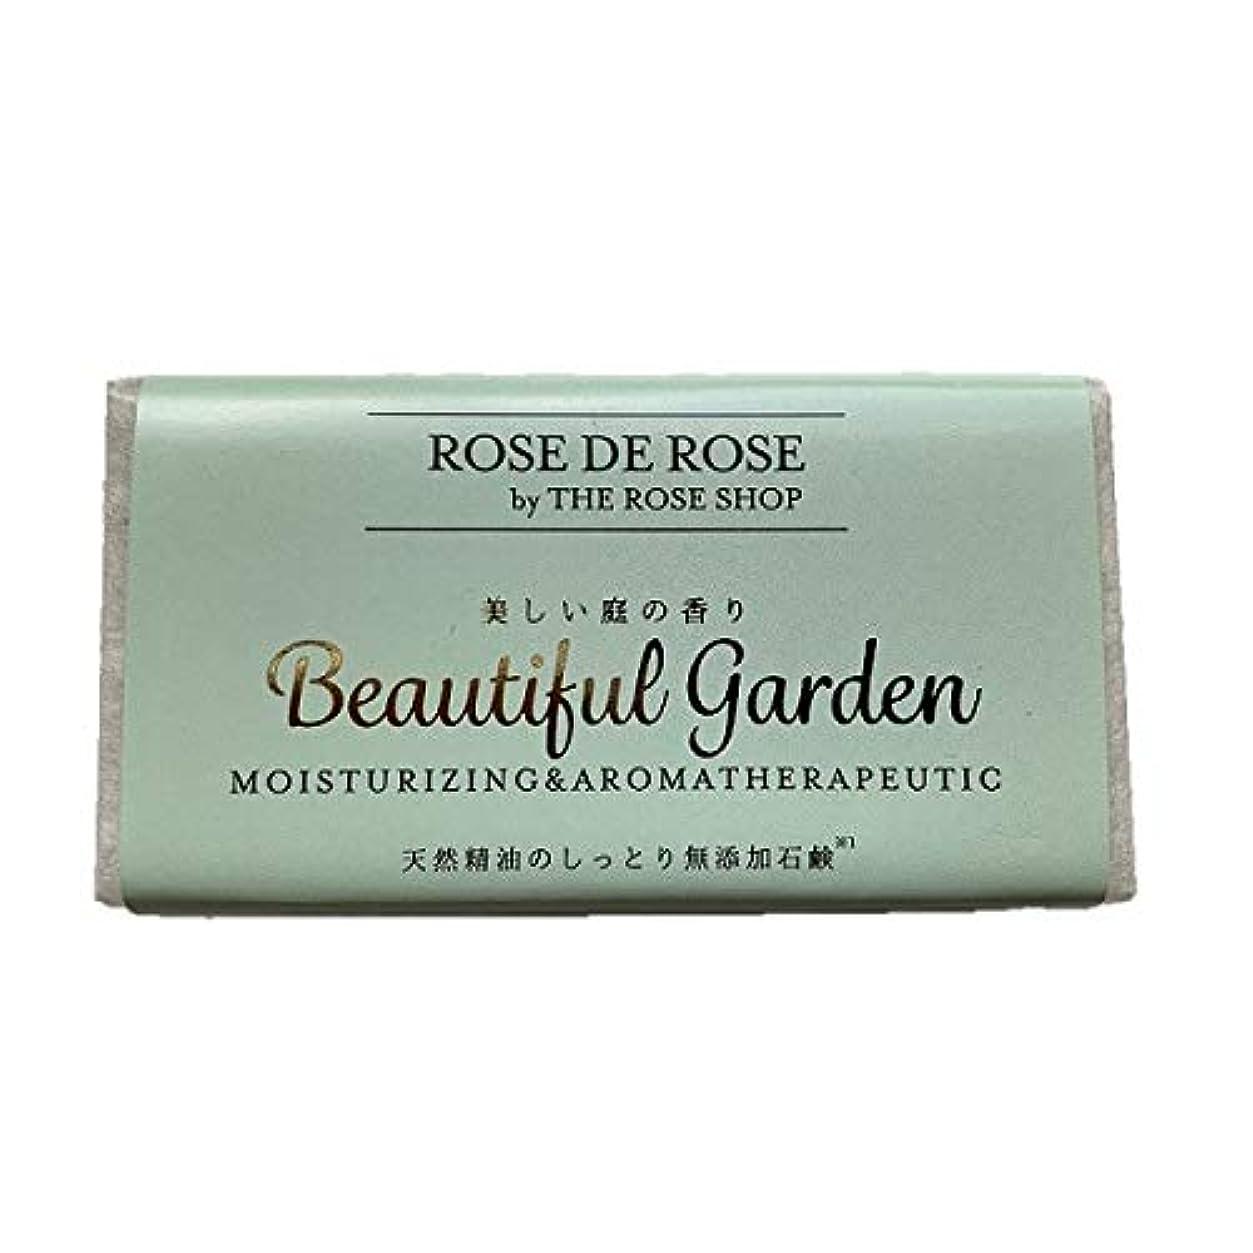 広大な印象レイプ天然精油の無添加石鹸 「美しい庭の香り ビューティフルガーデン」